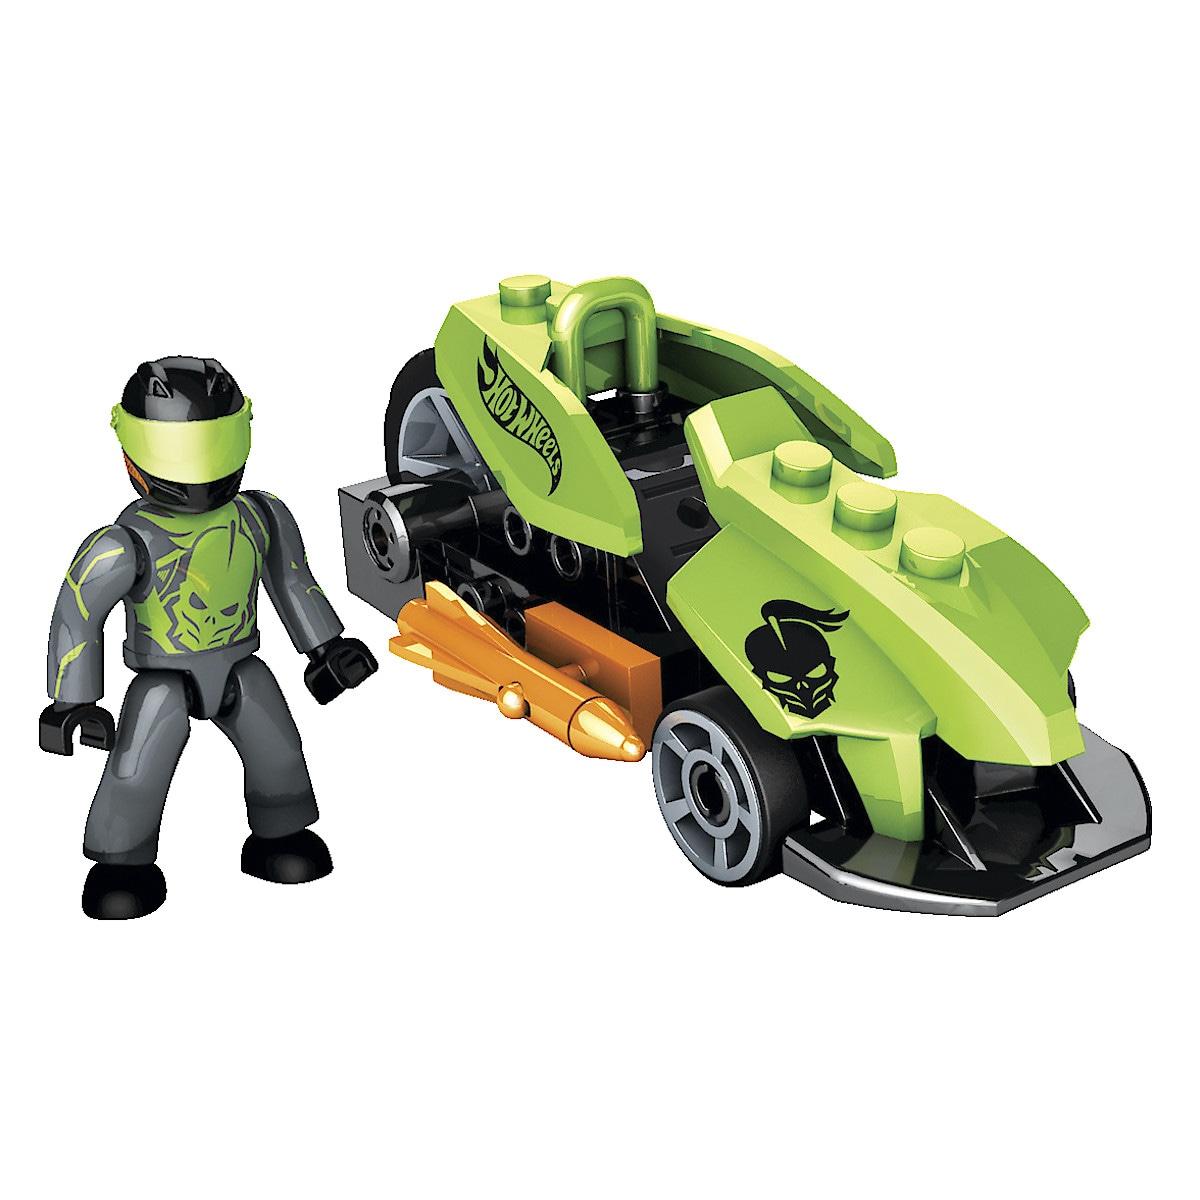 Hot Wheels Build & Race Racing Car